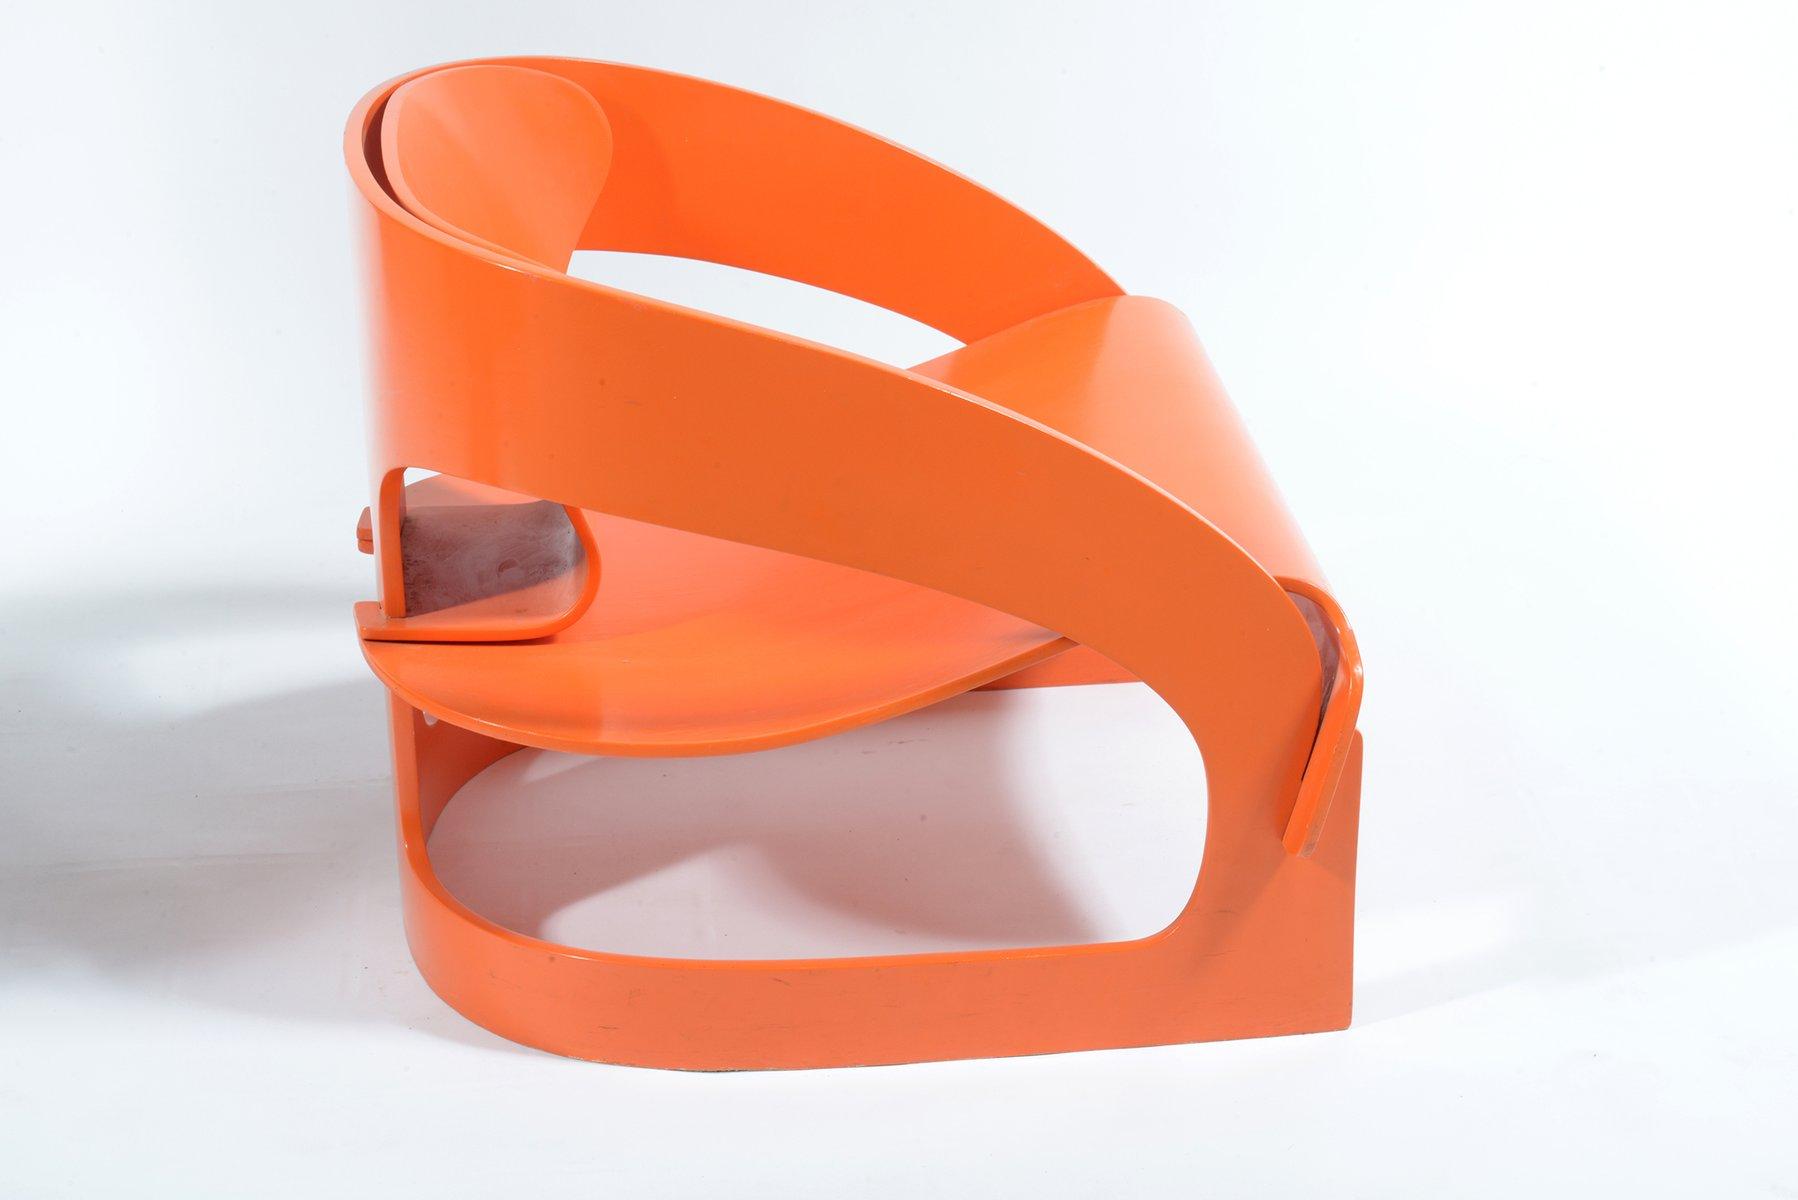 fauteuil orange par joe colombo pour kartell 1964 en vente sur pamono. Black Bedroom Furniture Sets. Home Design Ideas